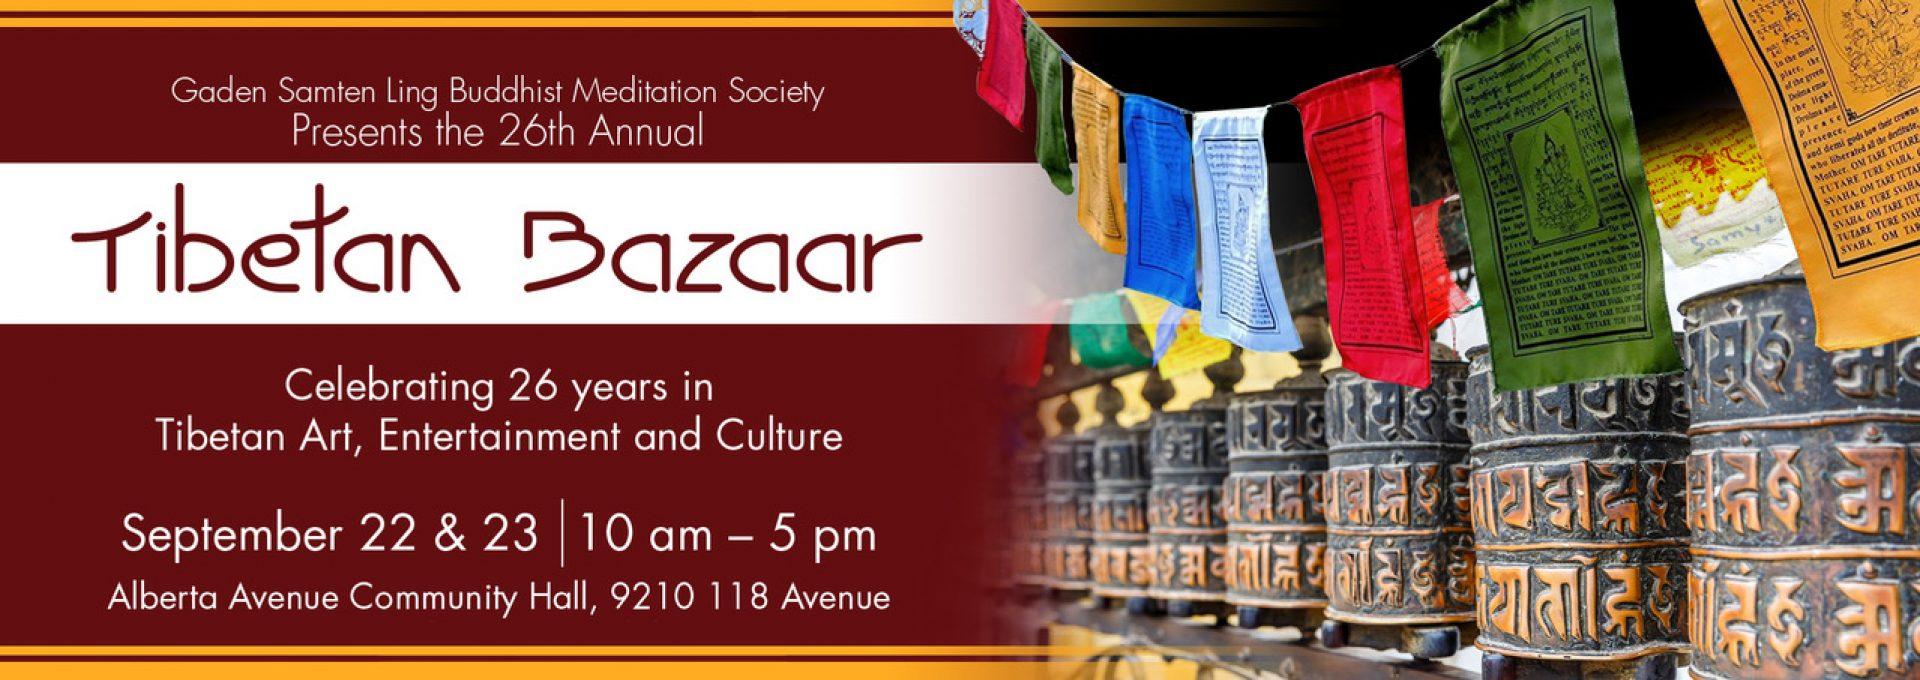 26th Annual Tibetan Bazaar